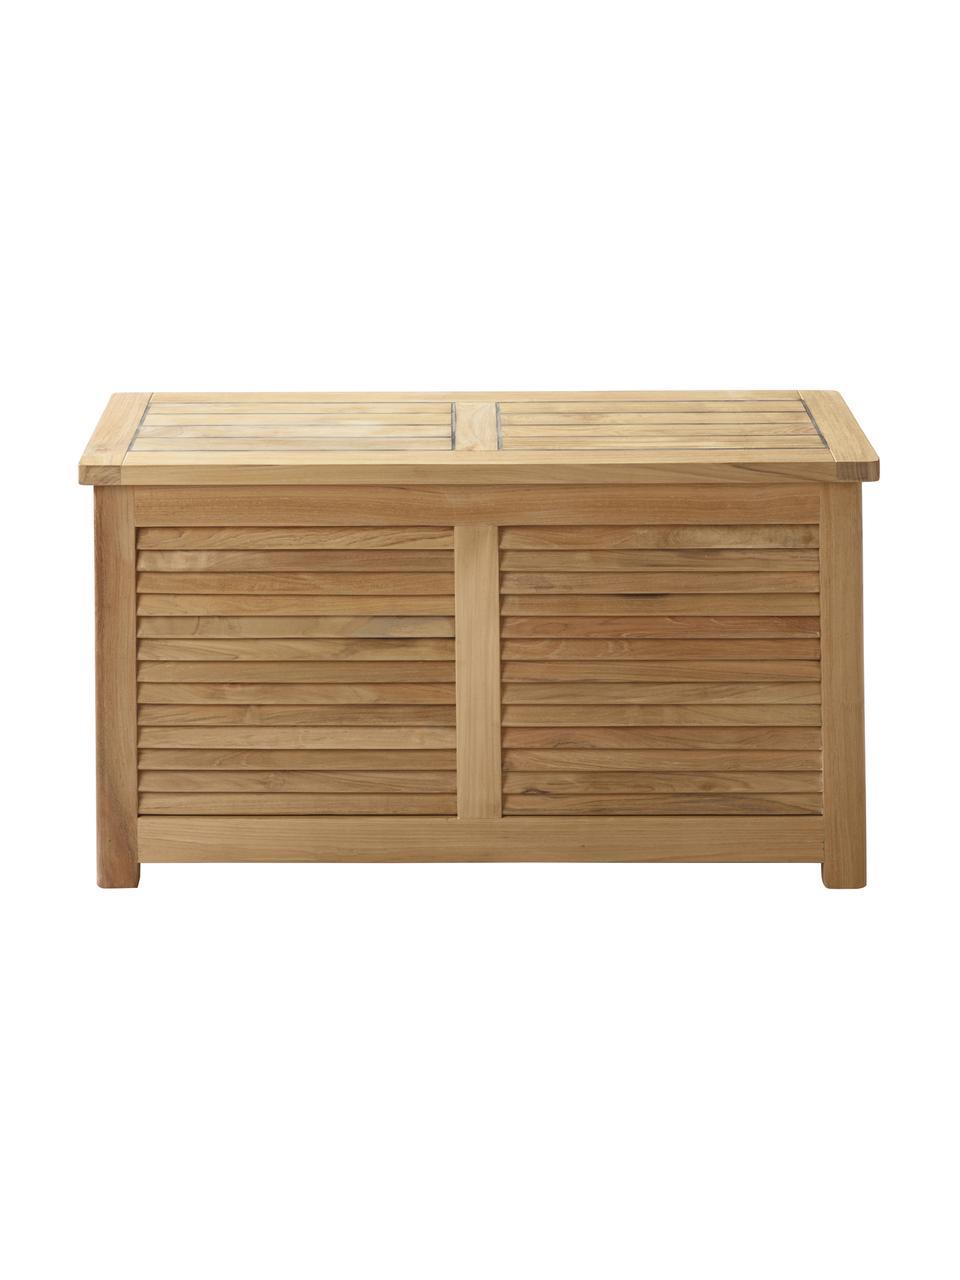 Schmale Auflagentruhe Storage aus Holz, Korpus: Teakholz, geschliffen, Teak, 90 x 48 cm